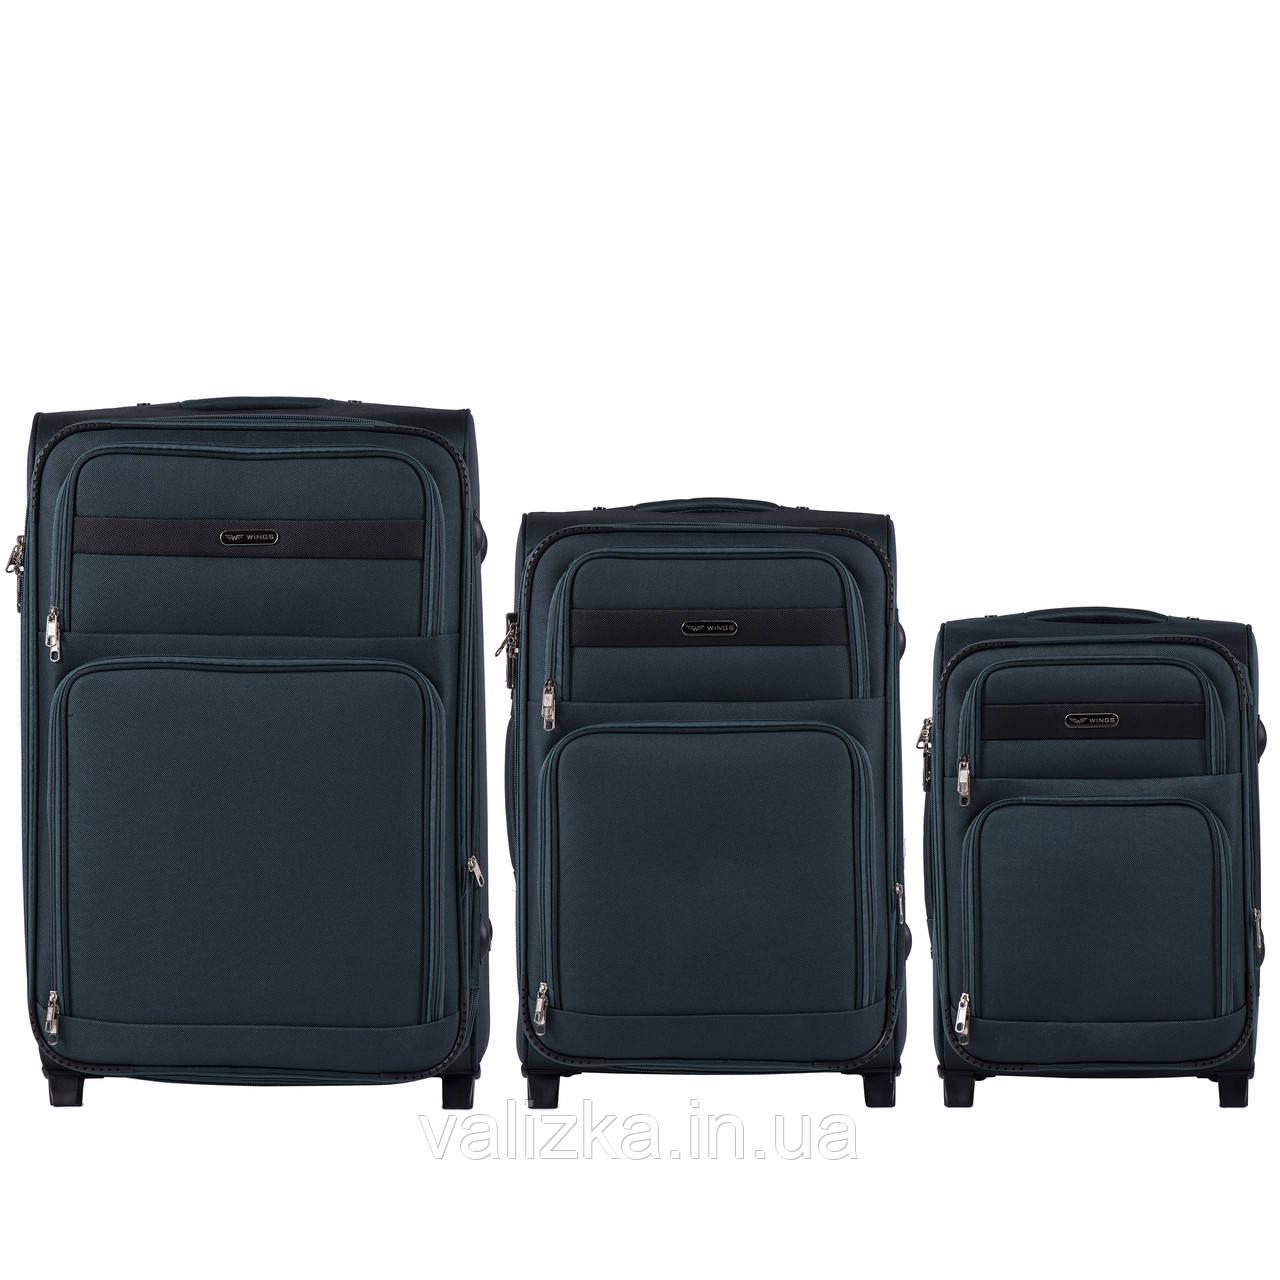 Комплект текстильных чемоданов на 2-х колесах Wings 1605 с расширителем, темно-зеленого цвета